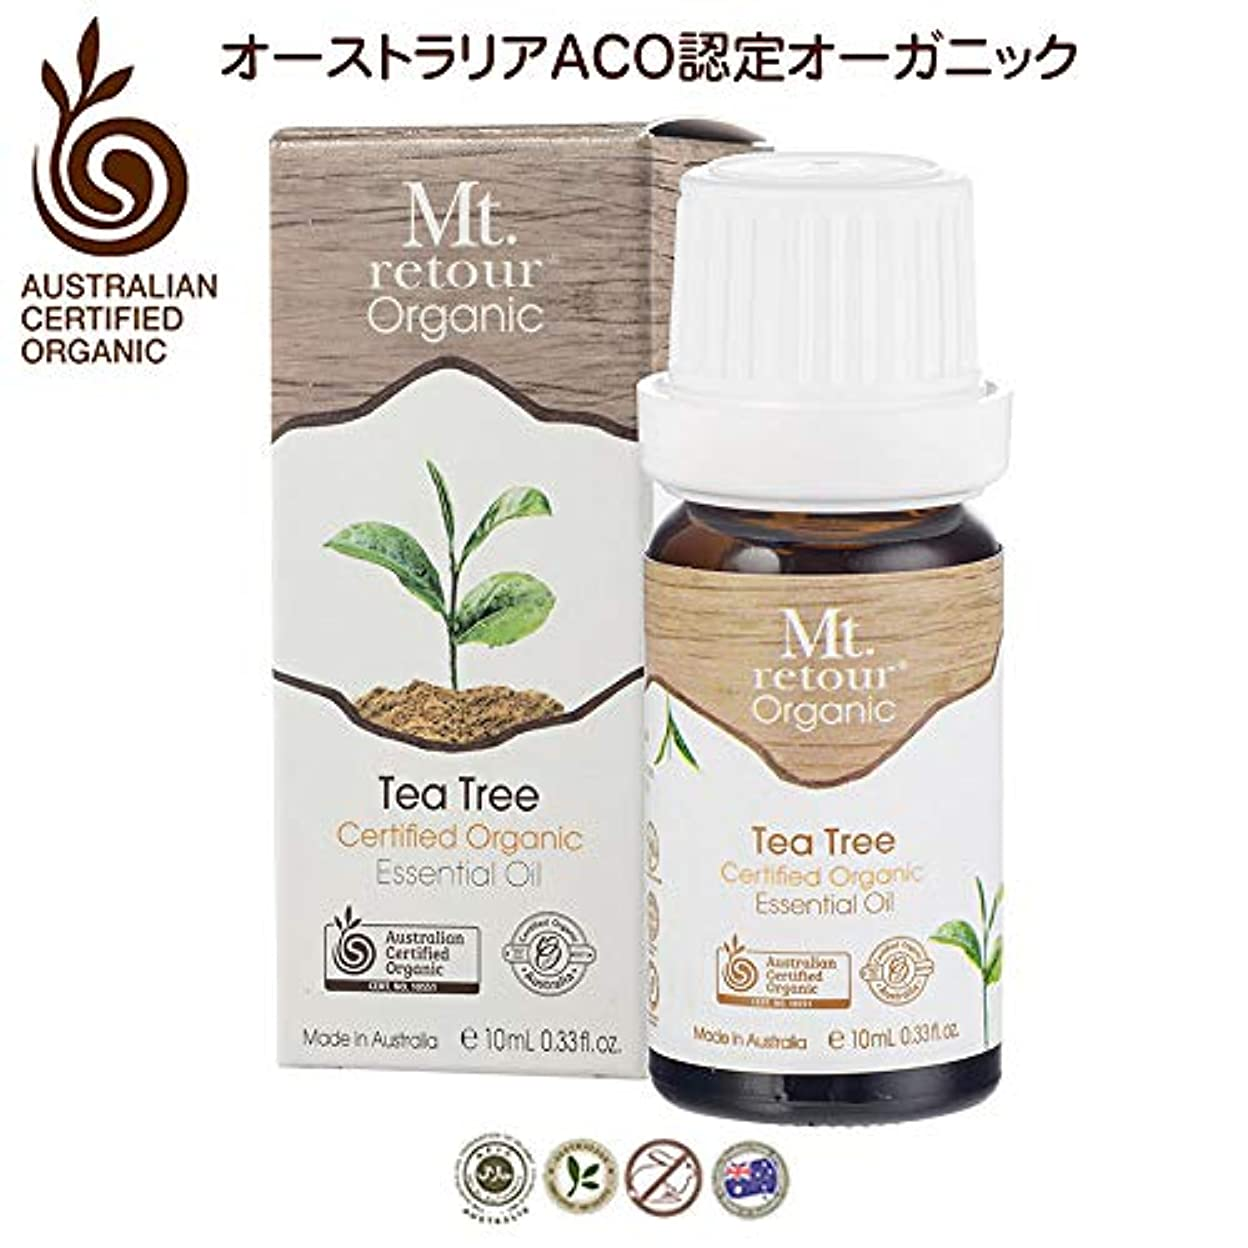 コンパクト収入毎月Mt. retour ACO認定オーガニック ティーツリー 10ml エッセンシャルオイル(無農薬有機)アロマ